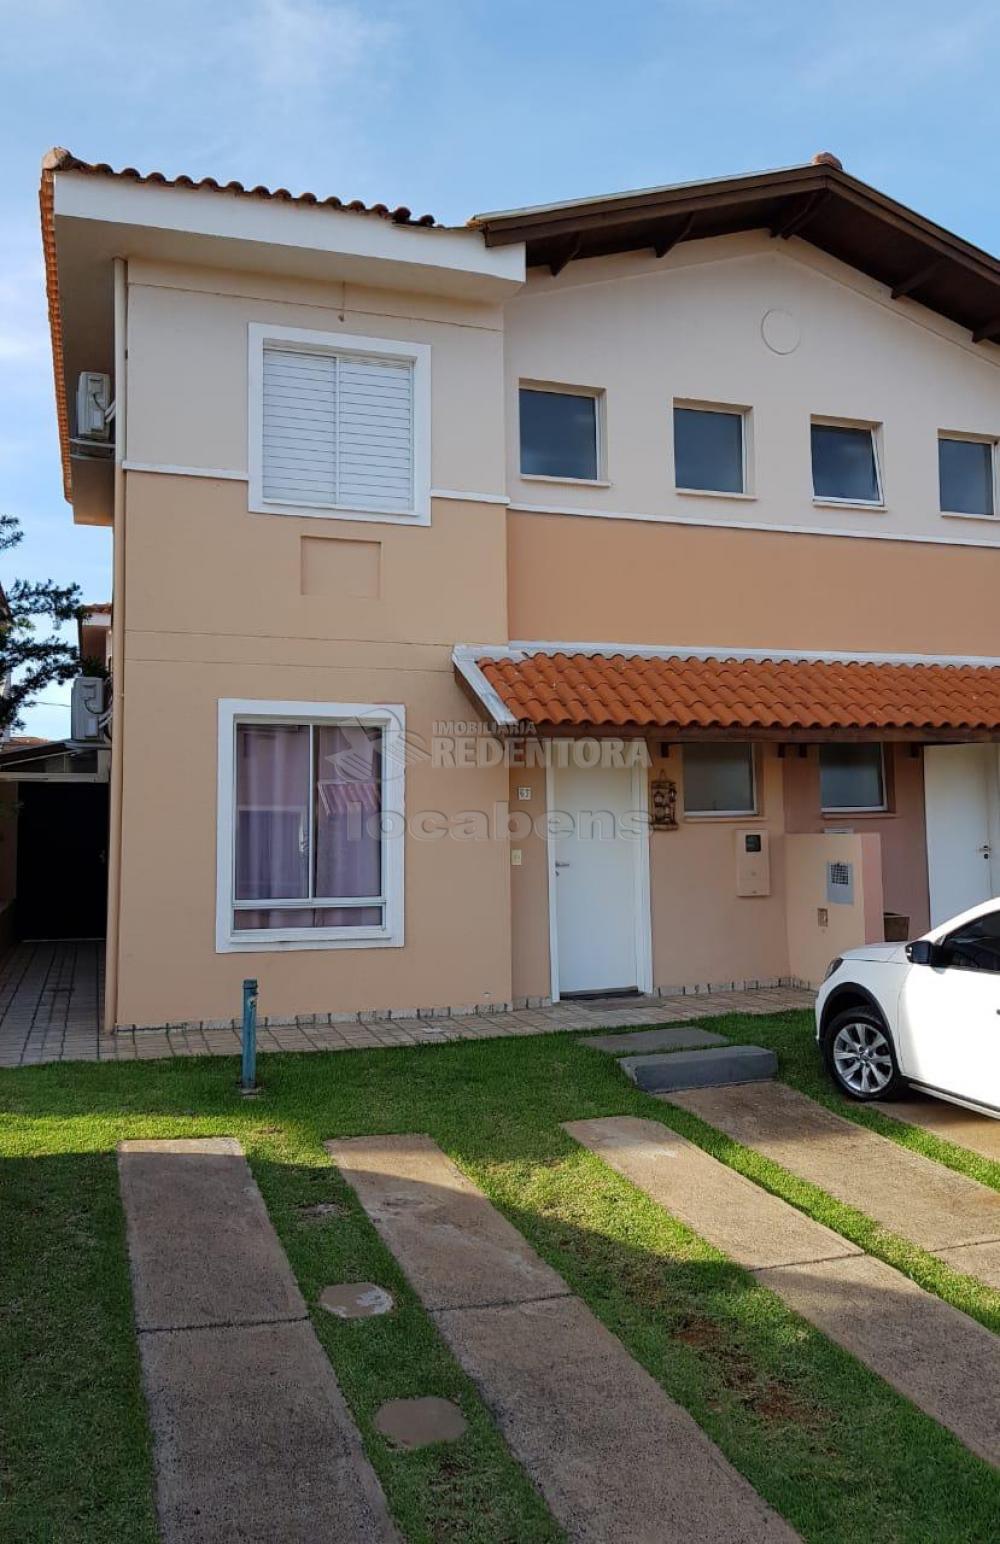 Comprar Casa / Condomínio em São José do Rio Preto apenas R$ 420.000,00 - Foto 19